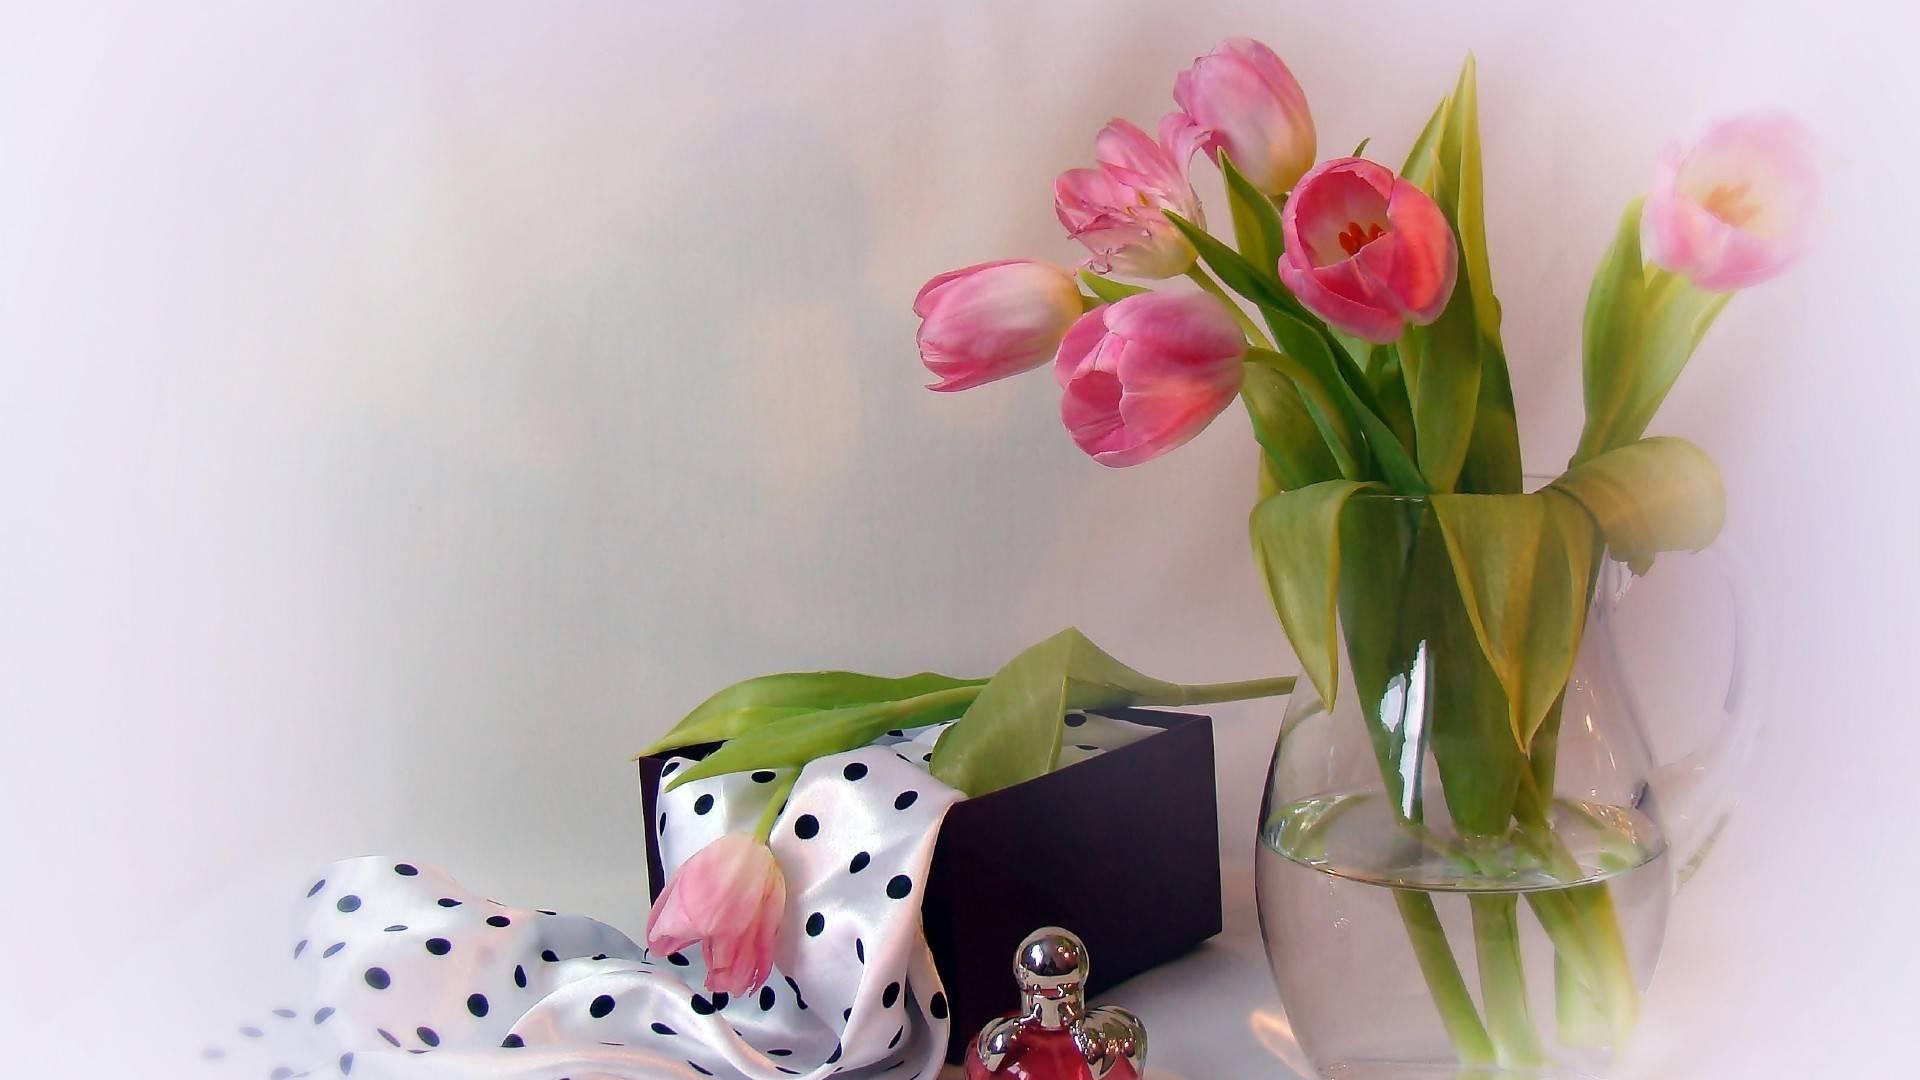 тюльпаны, букет, ваза